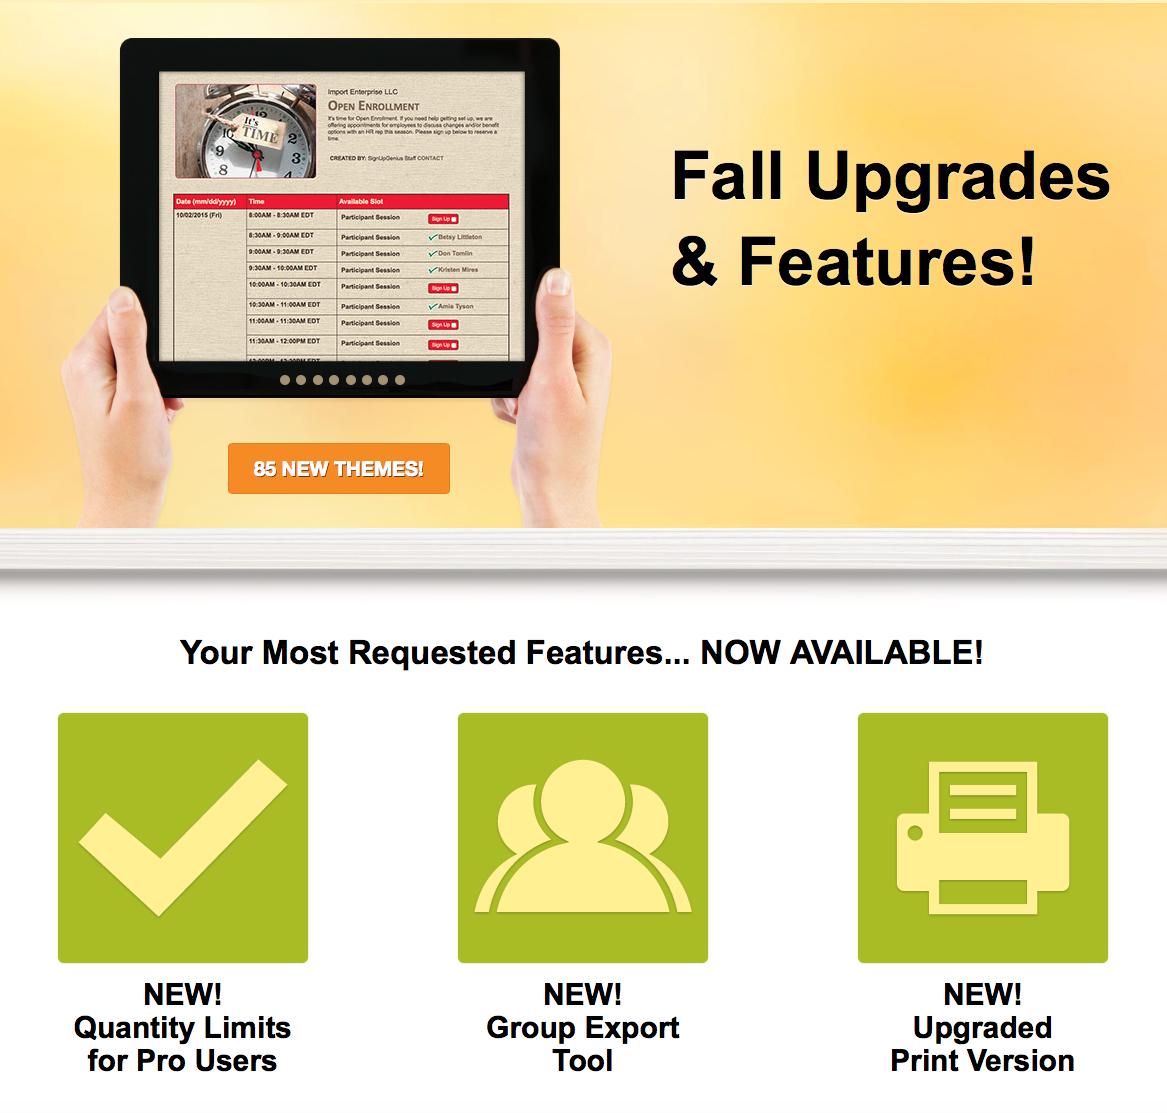 fall upgrades sign ups